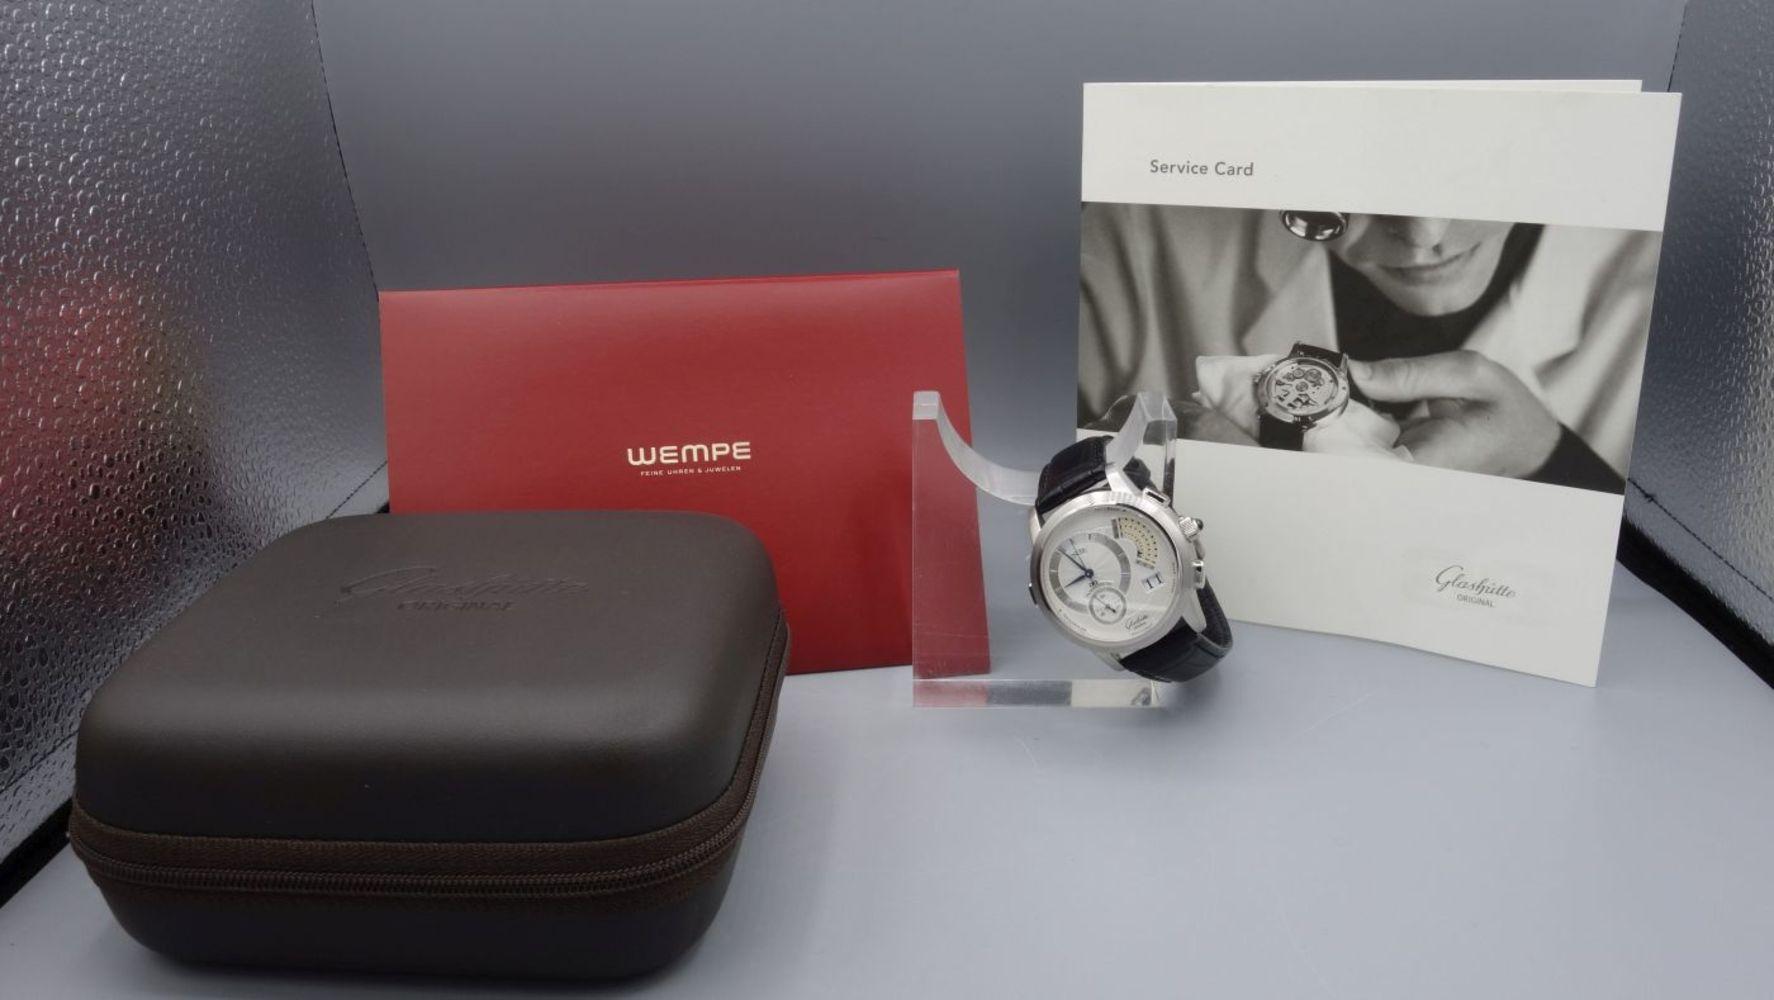 153. Auktion: Kunst, Antiquitäten, Uhren, Schmuck und Varia